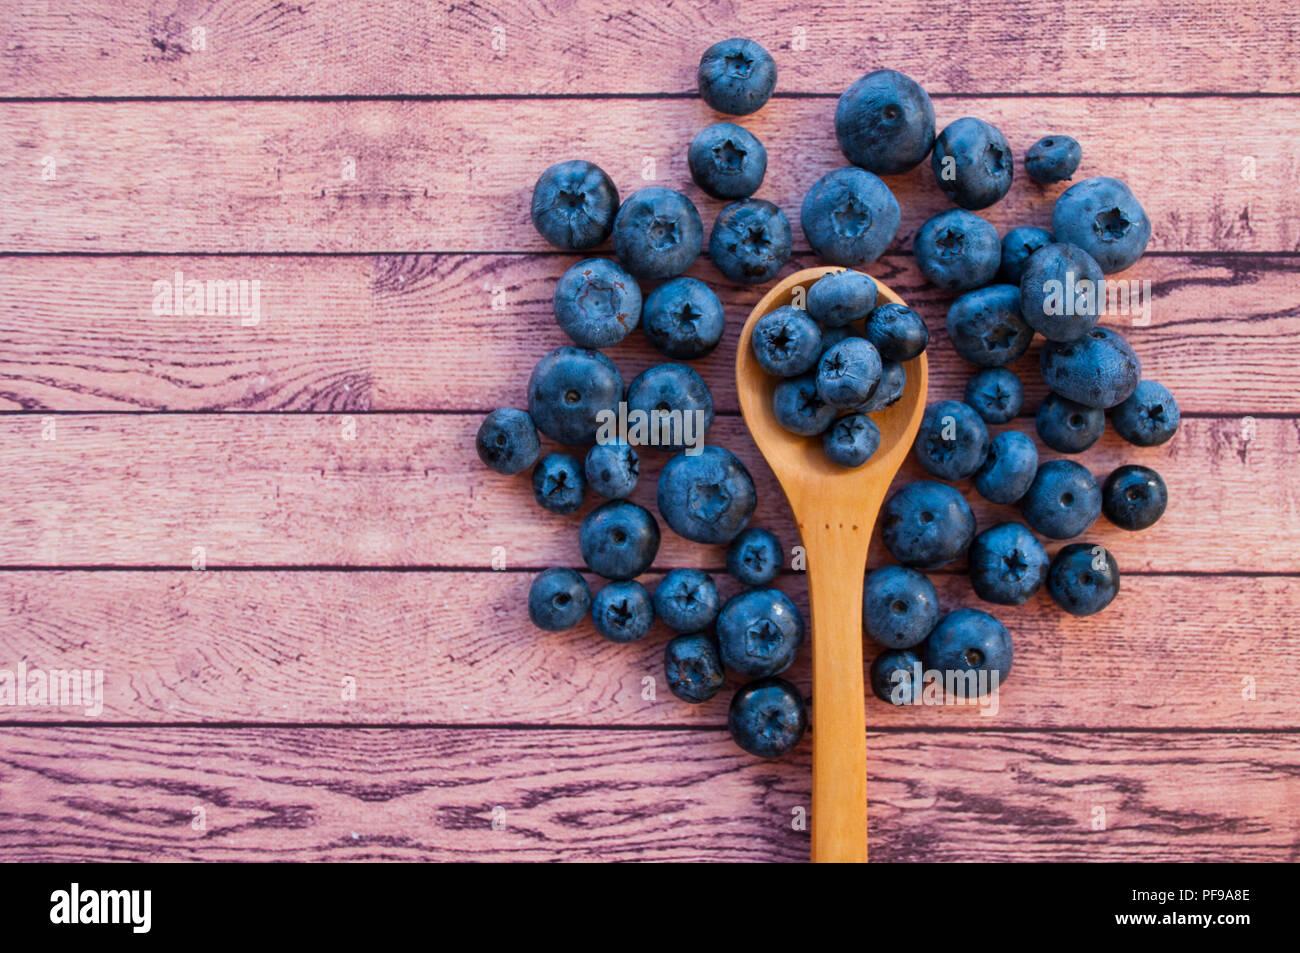 Les bleuets frais et juteux dans une cuillère en bois sur la table en bois avec copyspace. Concept d'aliments sains. Photo Stock